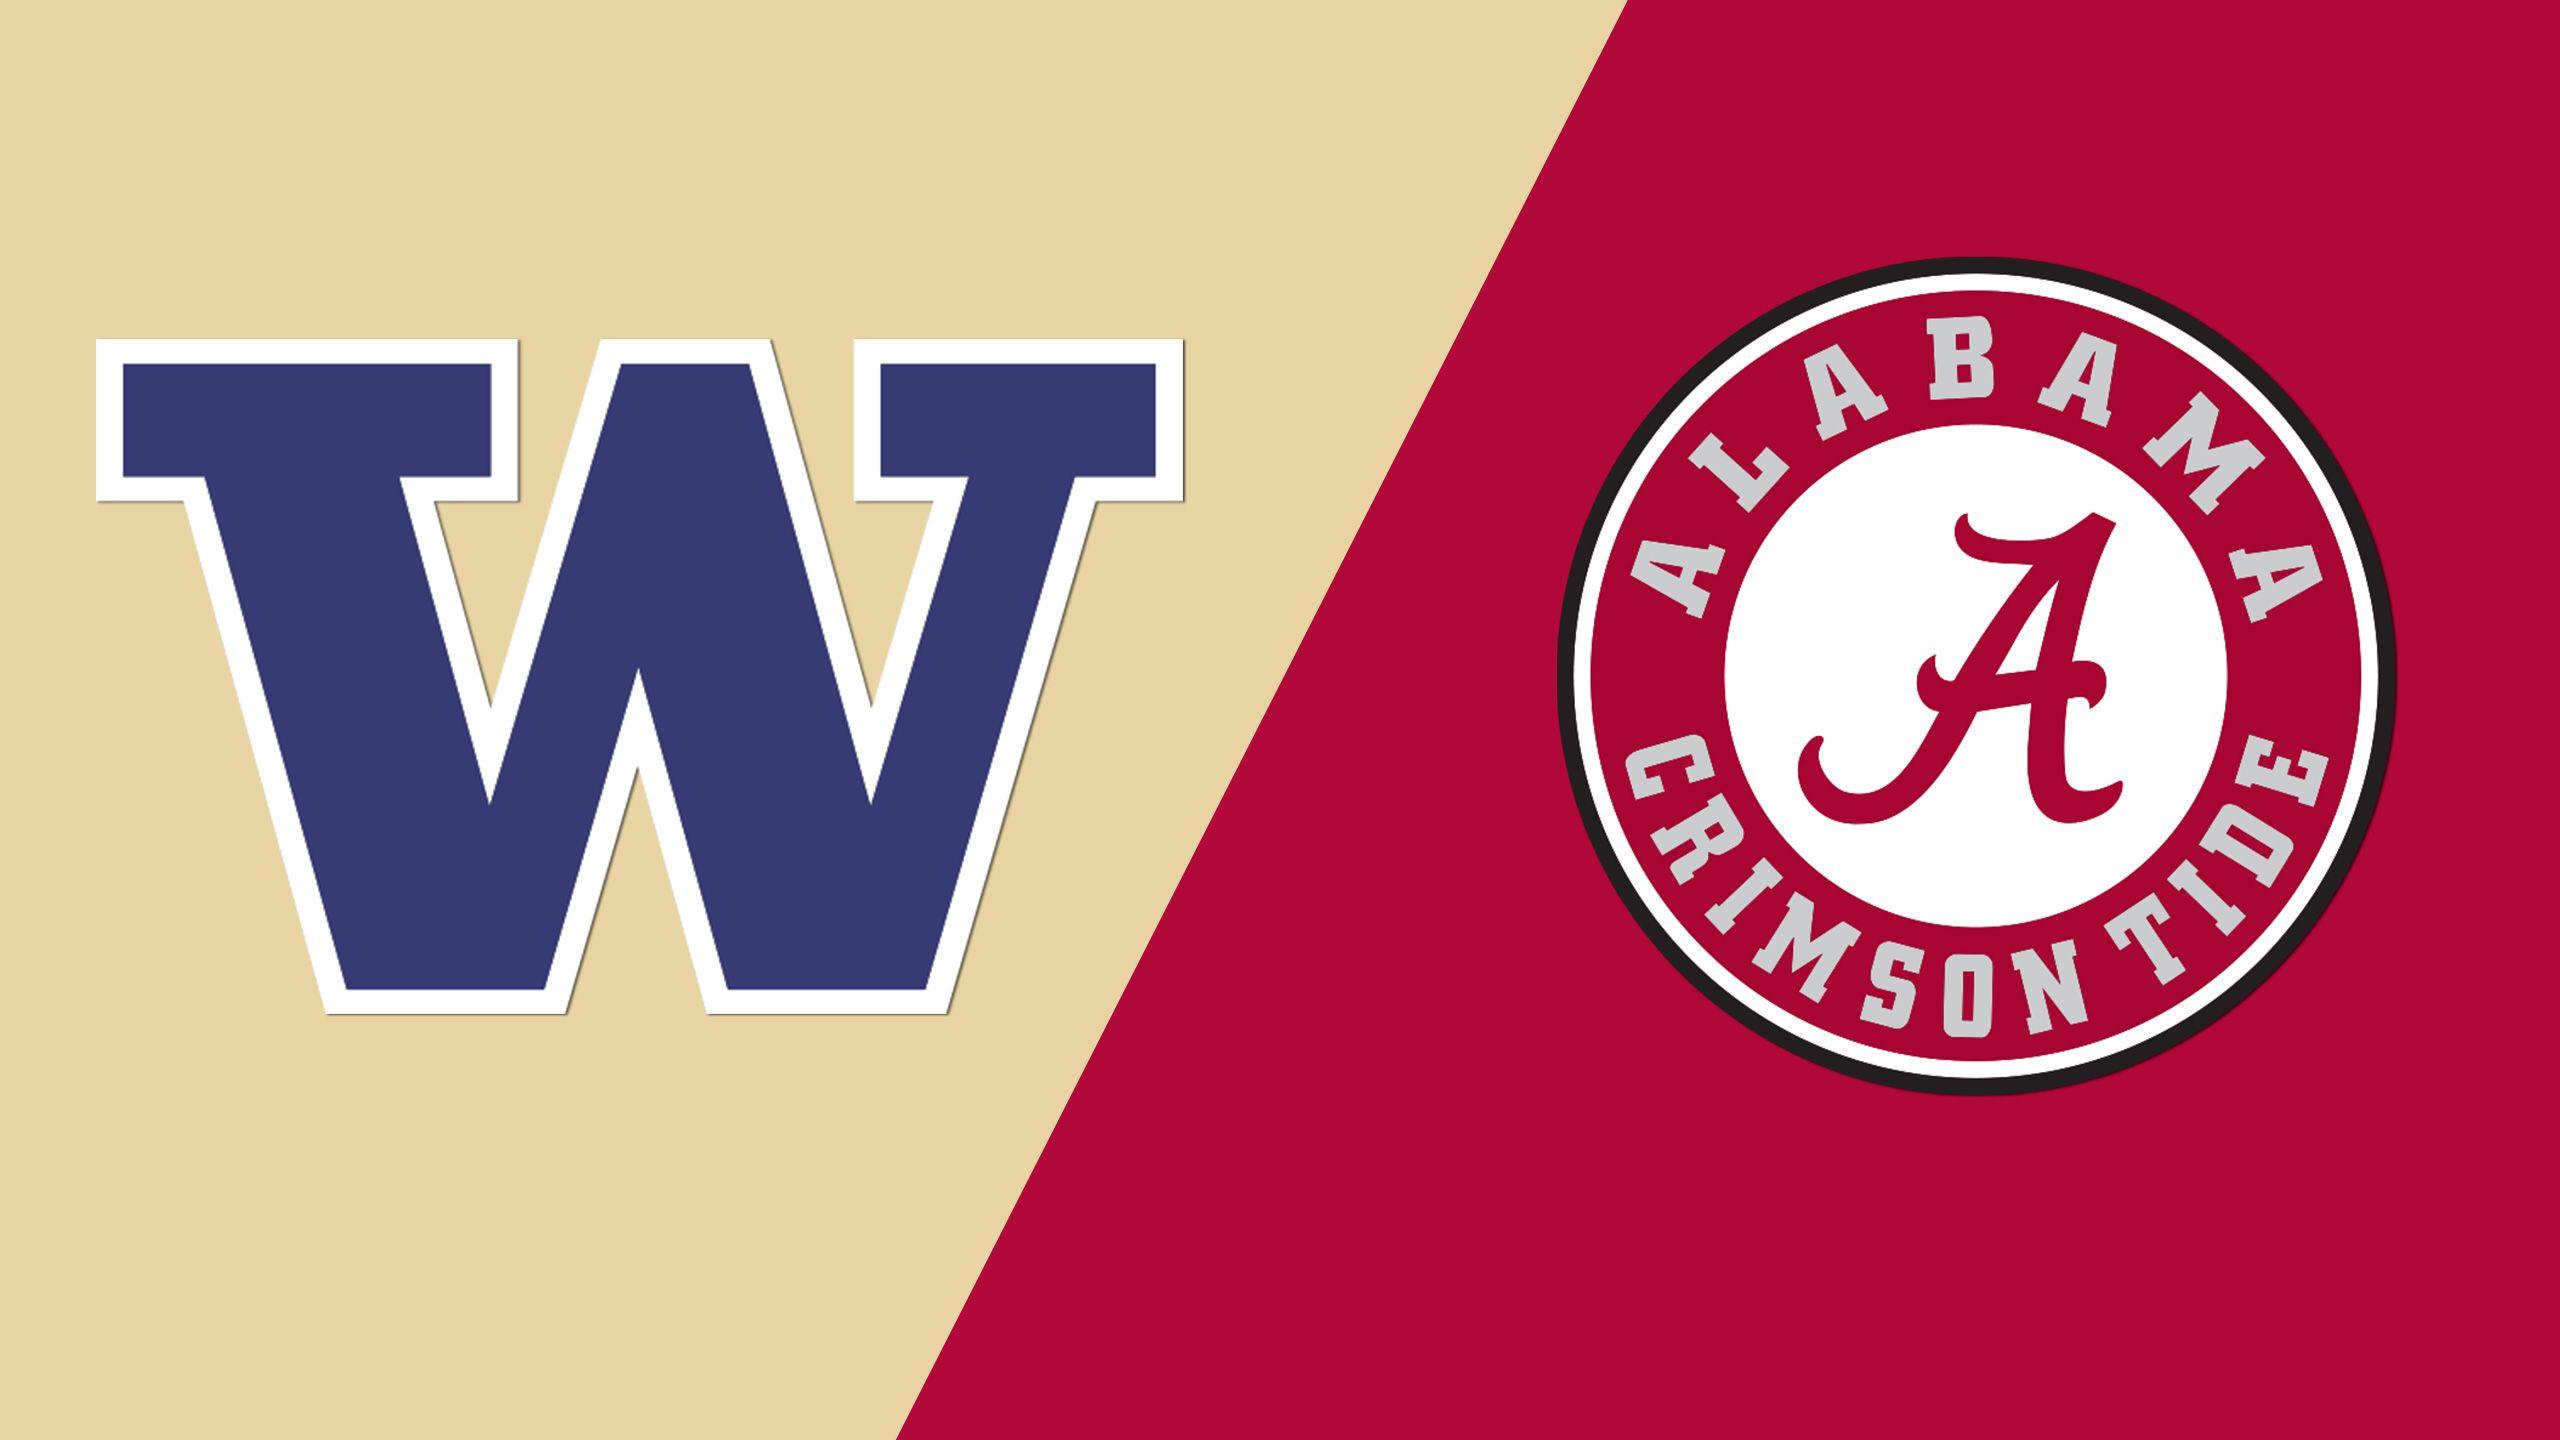 #5 Washington vs. #12 Alabama (Site 5 / Game 2) (NCAA Softball Championship)